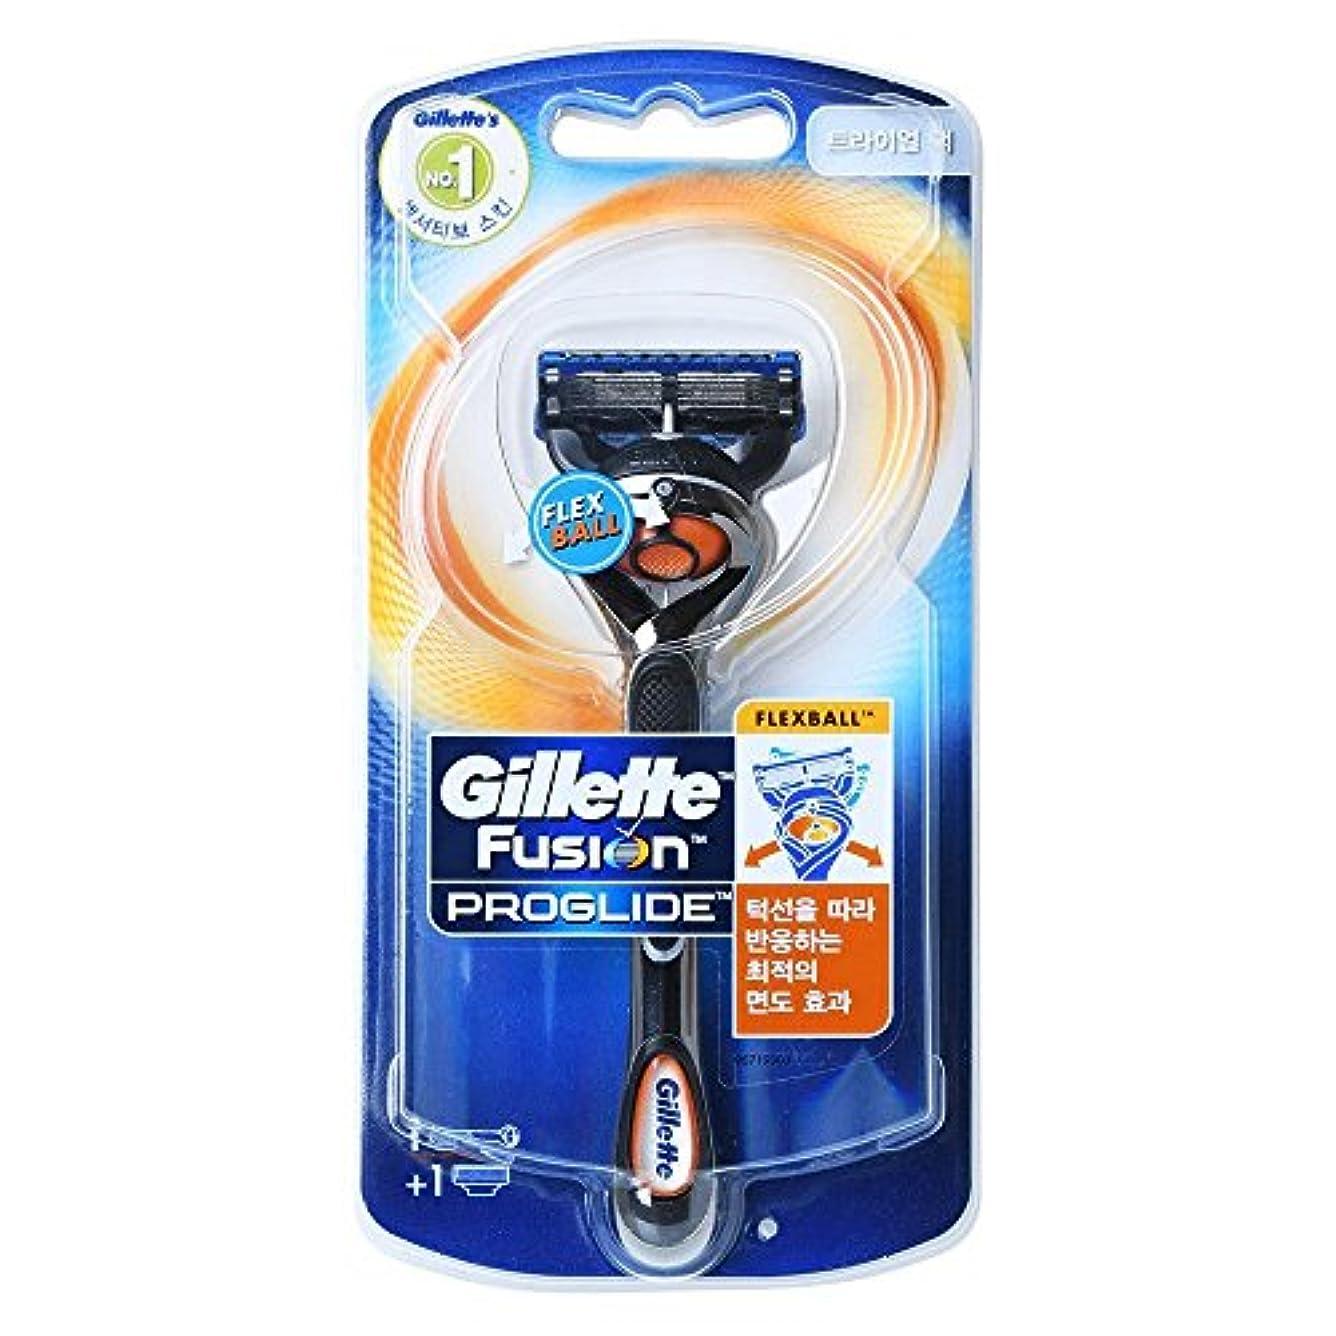 ペン酸現像Gillette Fusion Proglide Flexball Men's 1本のカミソリ1本でカミソリ1本 Trial pack [並行輸入品]